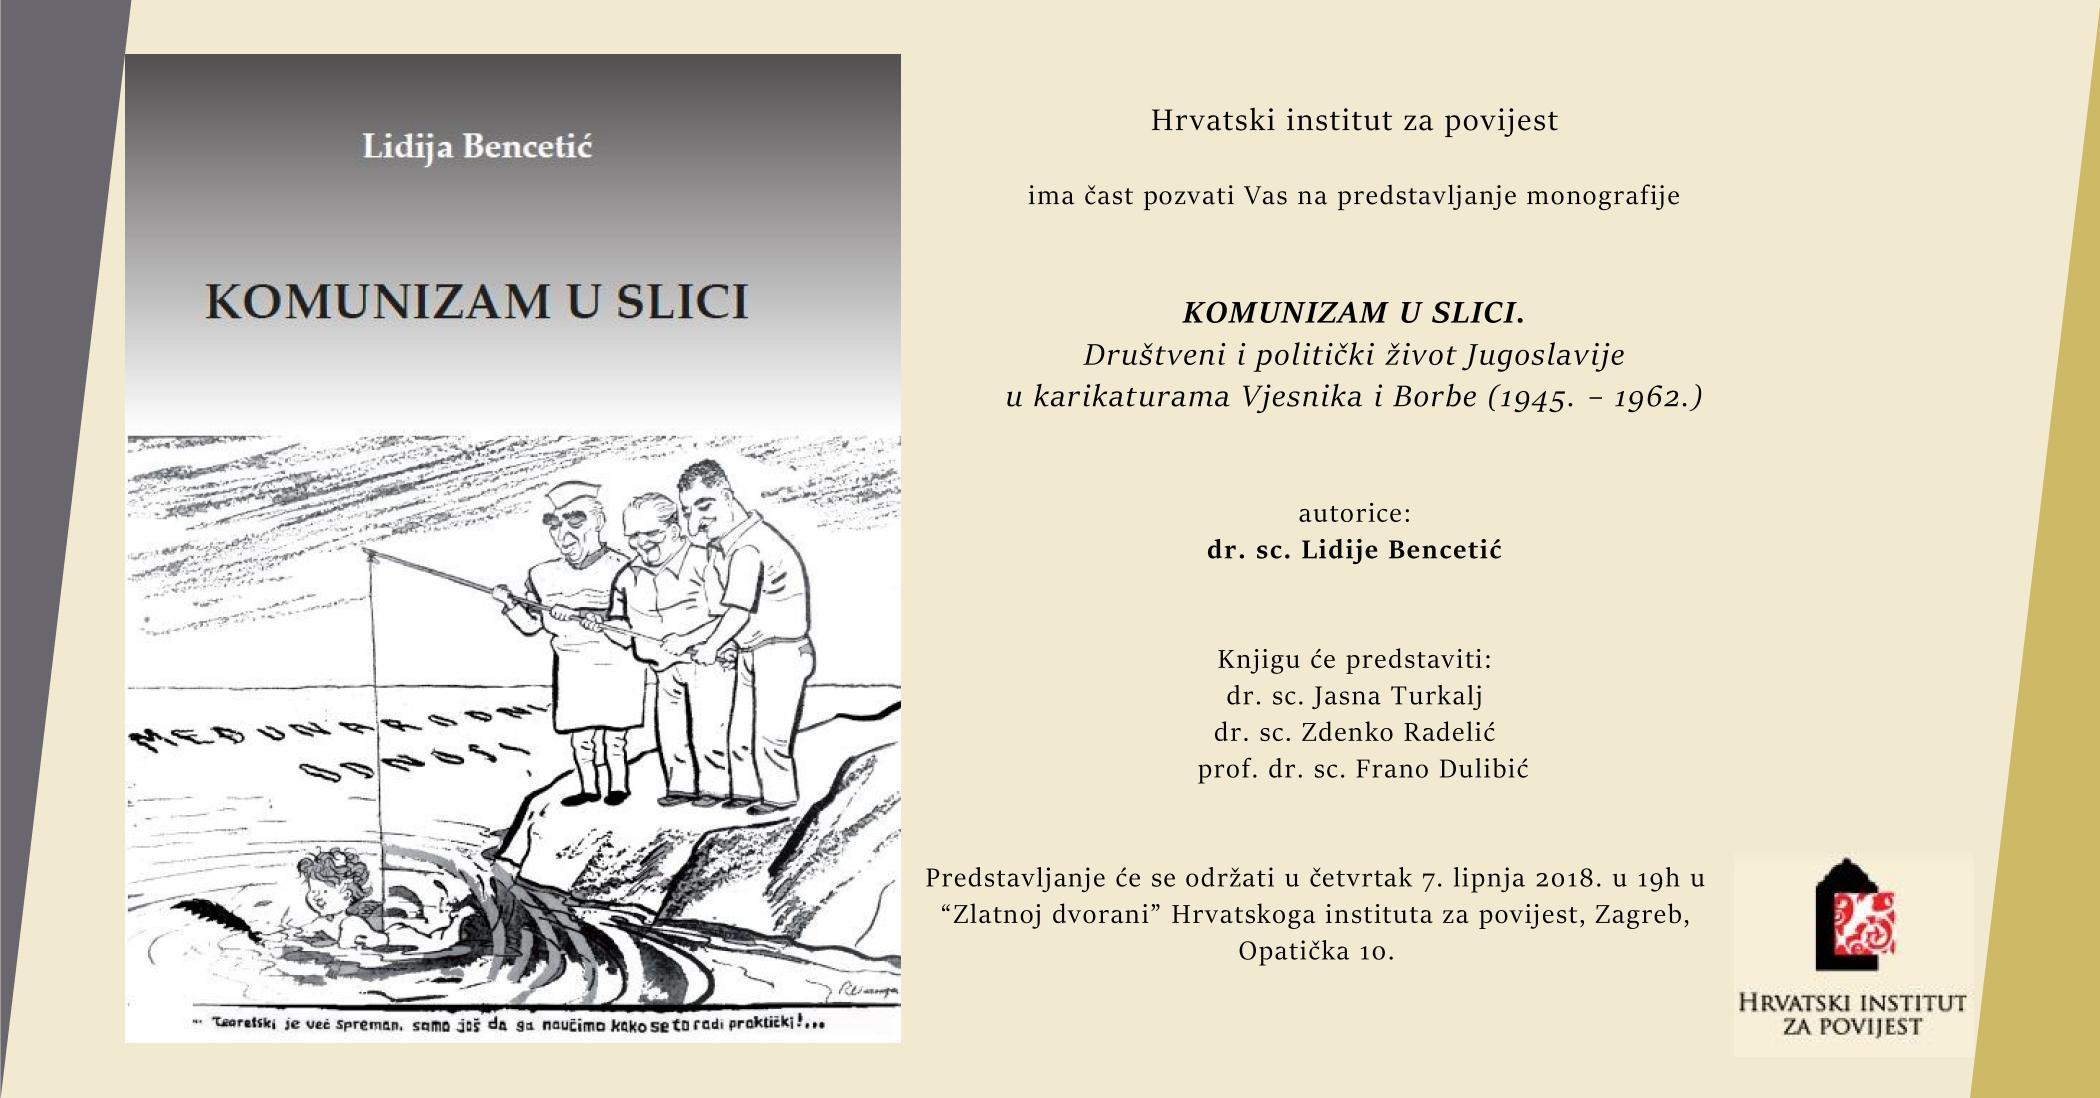 Pozivnica_Bencetic_Komunizam u slici_01